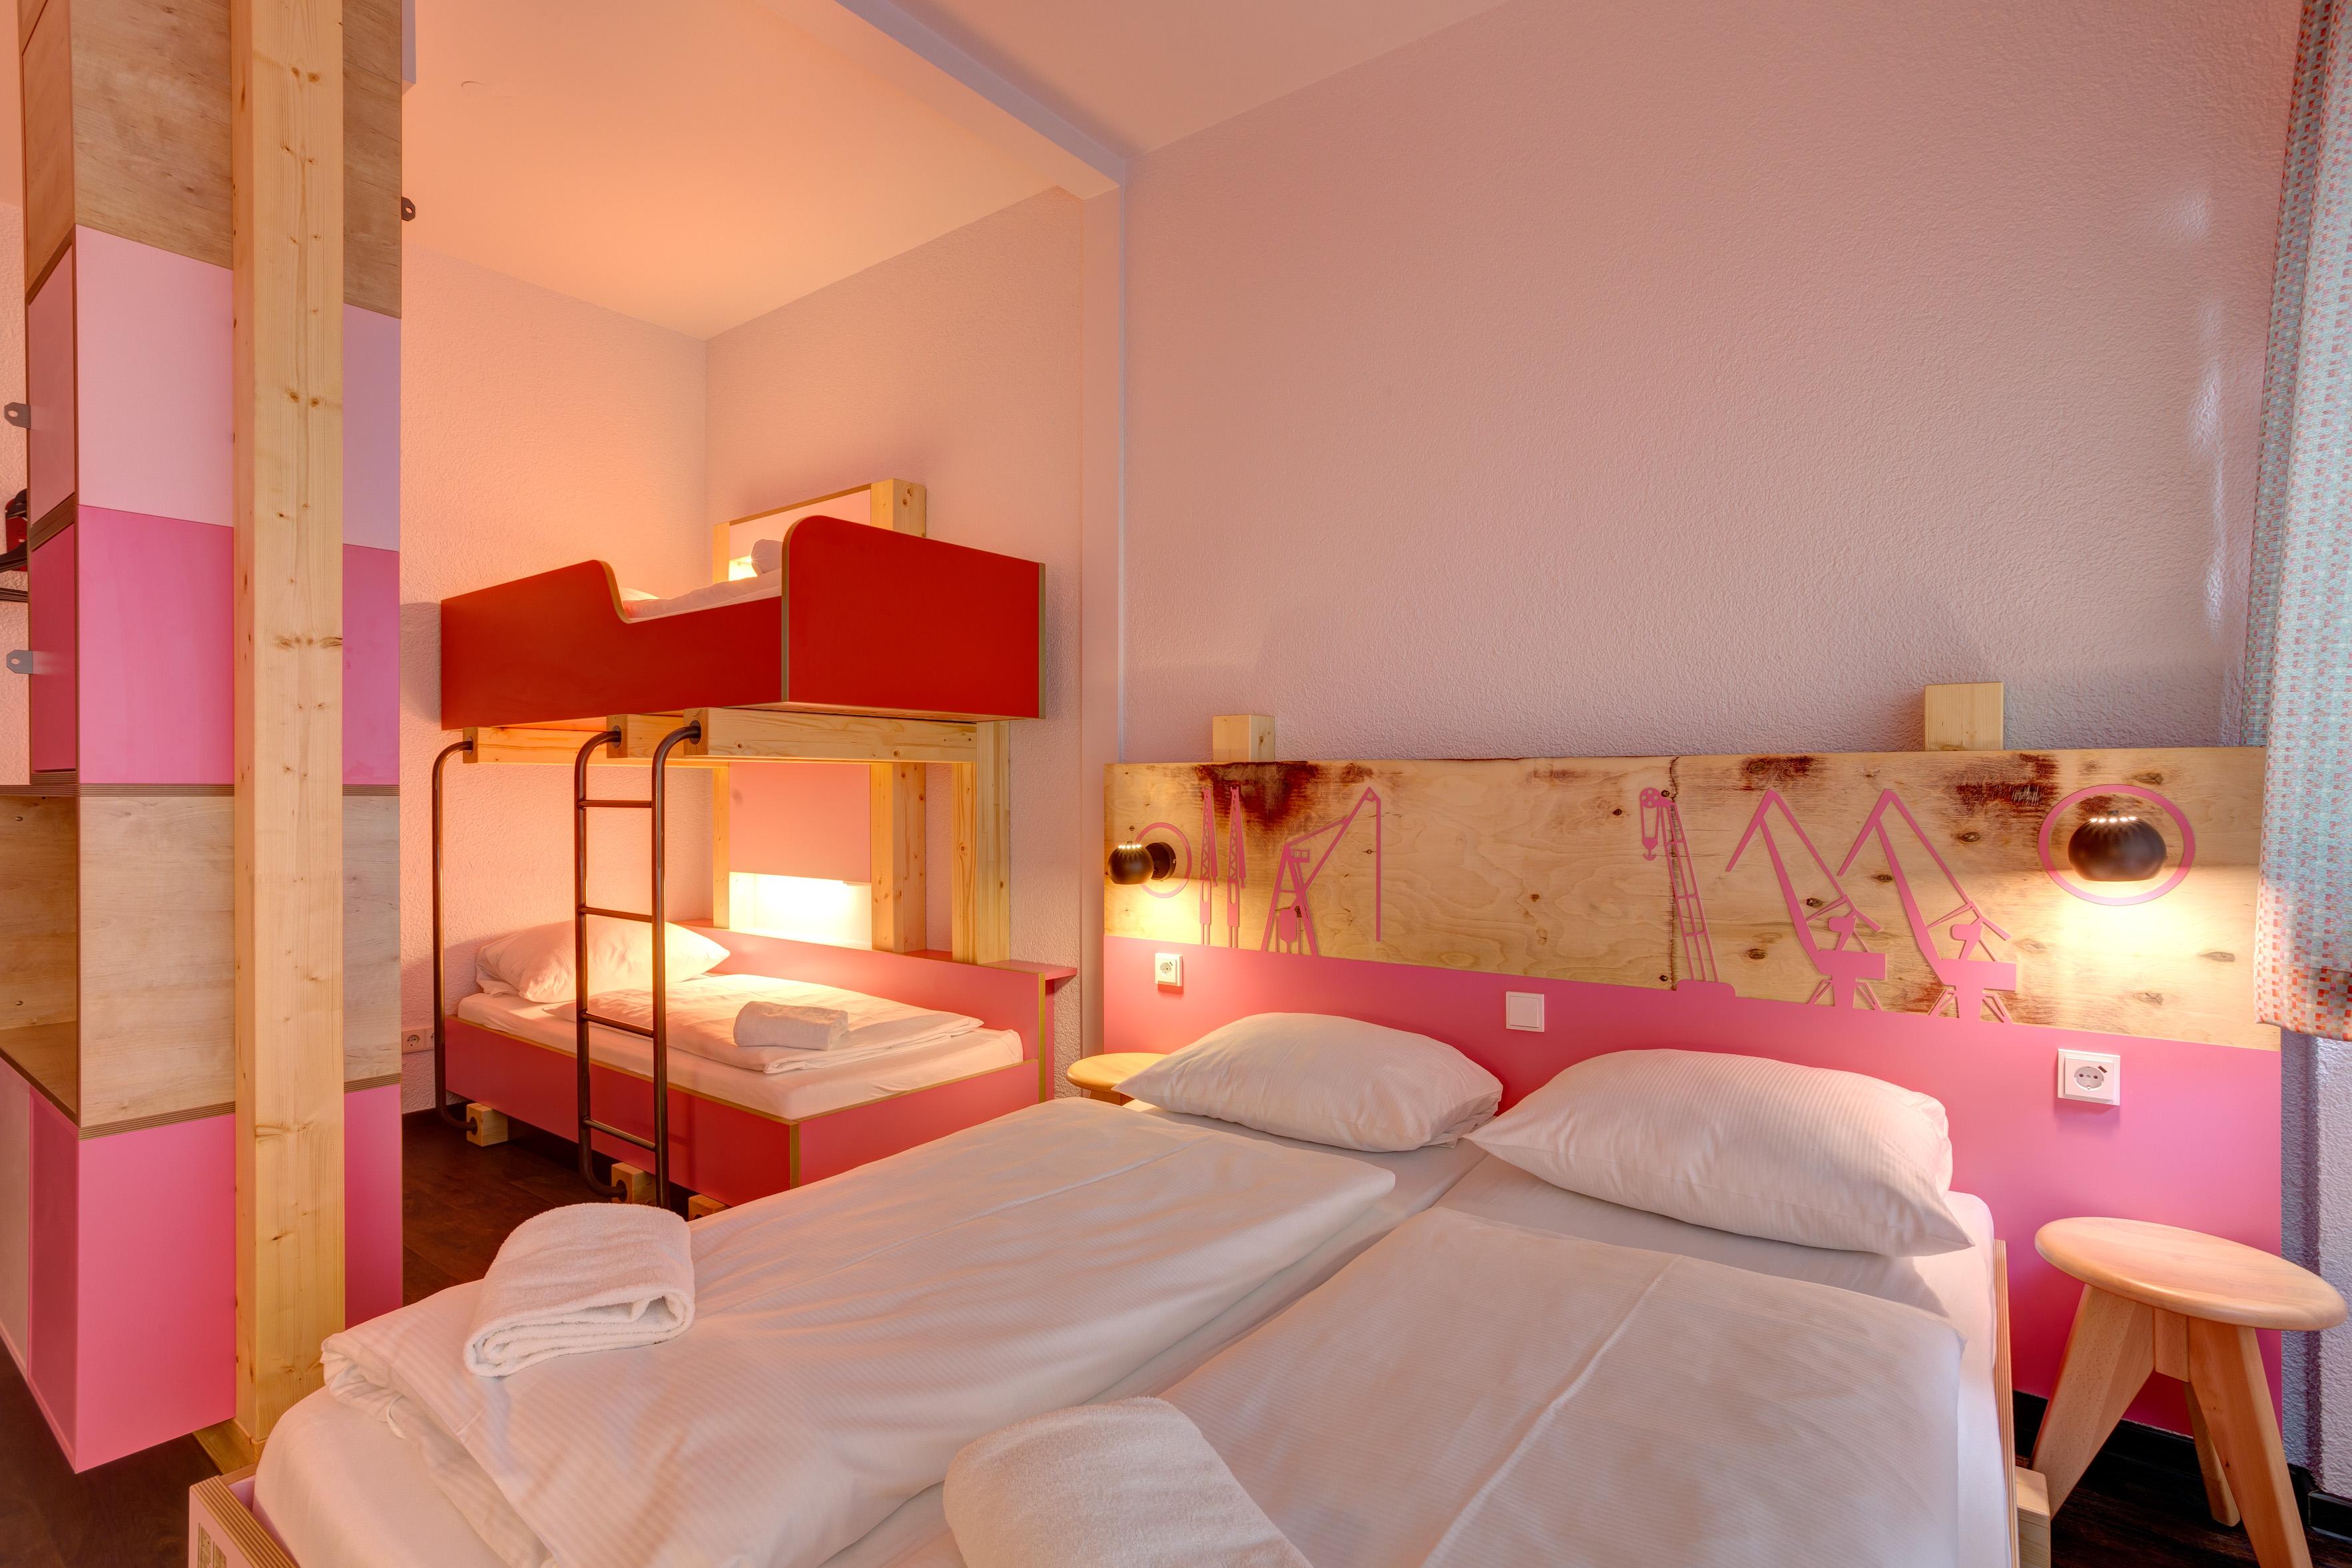 Meininger hotel hamburg city center g nstig modern zentral for Familienzimmer hamburg 5 personen